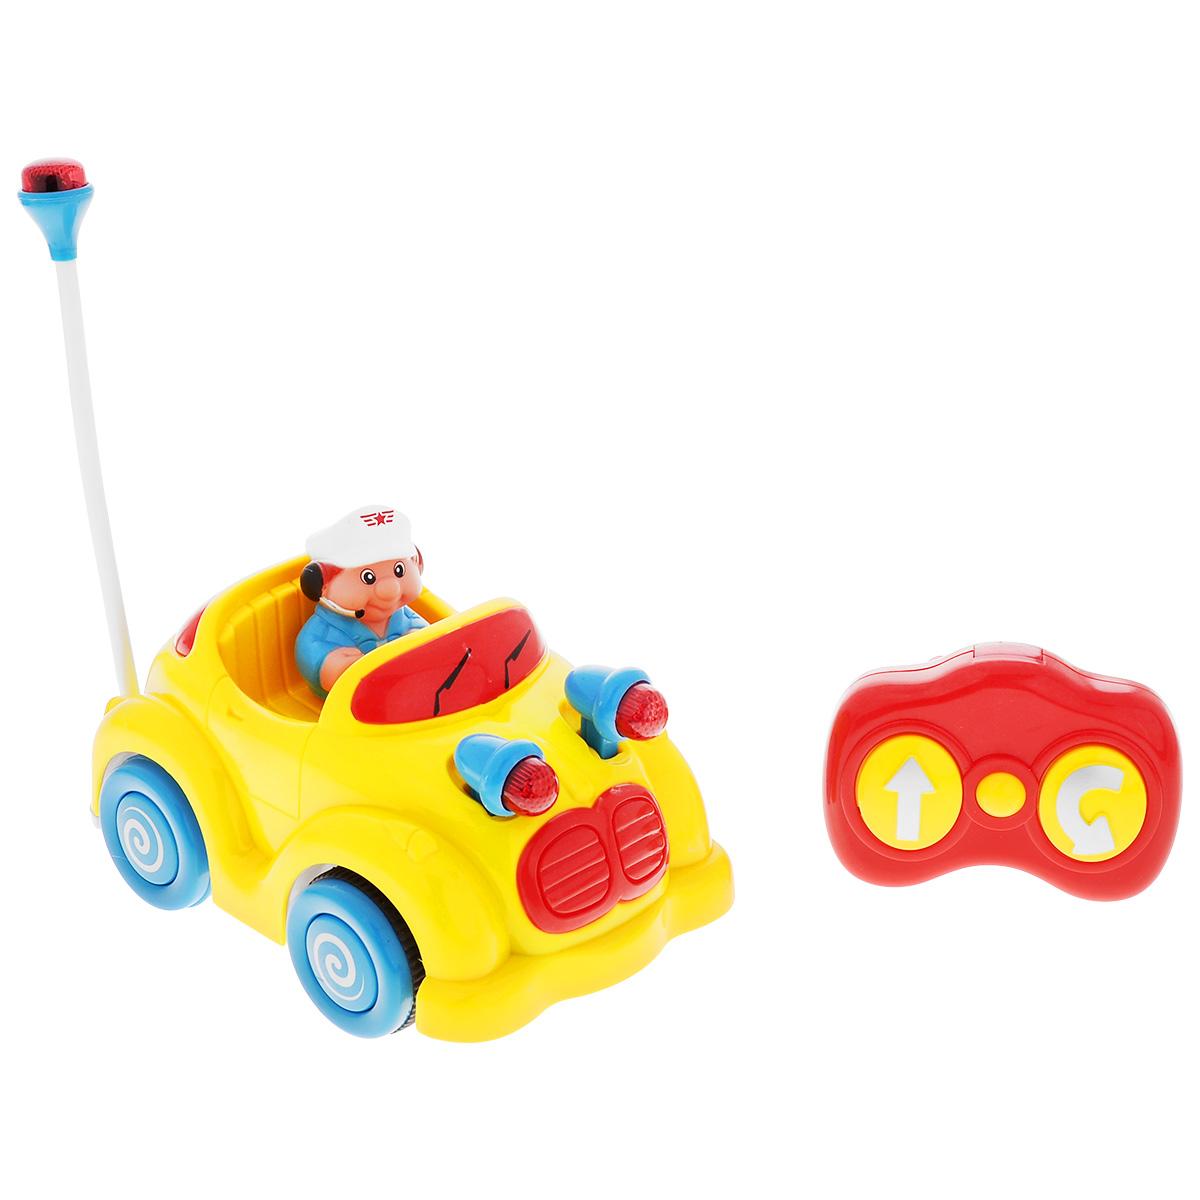 Малышарики Развивающая игрушка на радиоуправлении Увлекательное путешествиеMSH0303-027Развивающая игрушка Малышарики Увлекательное путешествие: автомобиль выполнена в ярком дизайне из высококачественных и безопасных для детской игры материалов. Яркий и красочный автомобиль с водителем на радио-управлении непременно порадует малыша и принесет ему массу положительных эмоций. Машинка движется вперед и вращается по кругу со звуковым сопровождением и подсветкой фар. Игрушка Увлекательное путешествие: автомобиль развивает мелкую моторику и слуховое восприятие малыша, а также его логическое мышление. Играя с радио- управляемой машинкой, ребенок учится концентрировать внимание. Рекомендуемый возраст: 1-3 года. Для работы игрушки необходимы 3 батарейки напряжением 1,5V типа АА, для работы пульта управления - 2 батарейки напряжением 1,5V типа АА (не входят в комплект). Уважаемые клиенты! Обращаем ваше внимание, цвет мелких деталей может меняться, в зависимости от поставки. Уважаемые клиенты! ...